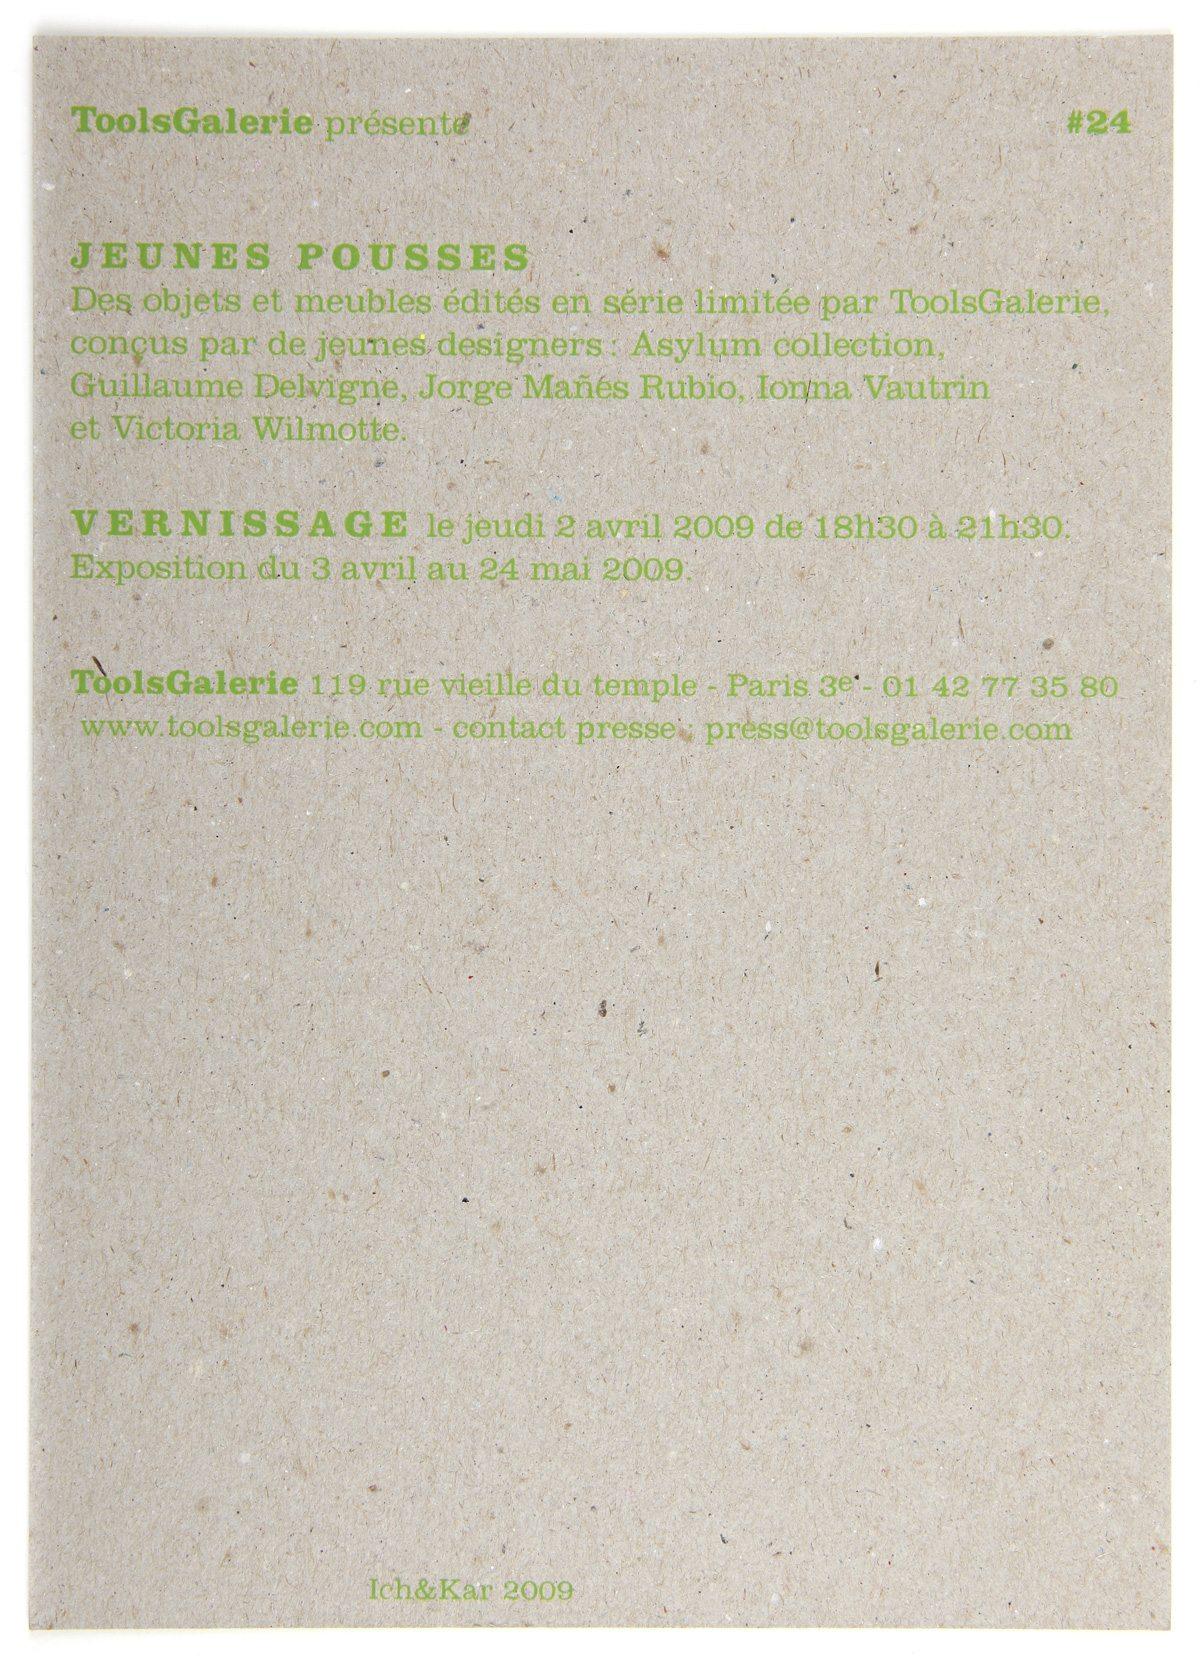 L'exposition Jeunes Pousse, des objets et meubles édités en série limitée par ToolsGalerie conçus par de jeunes designer, carton d'invitation typographique par IchetKar